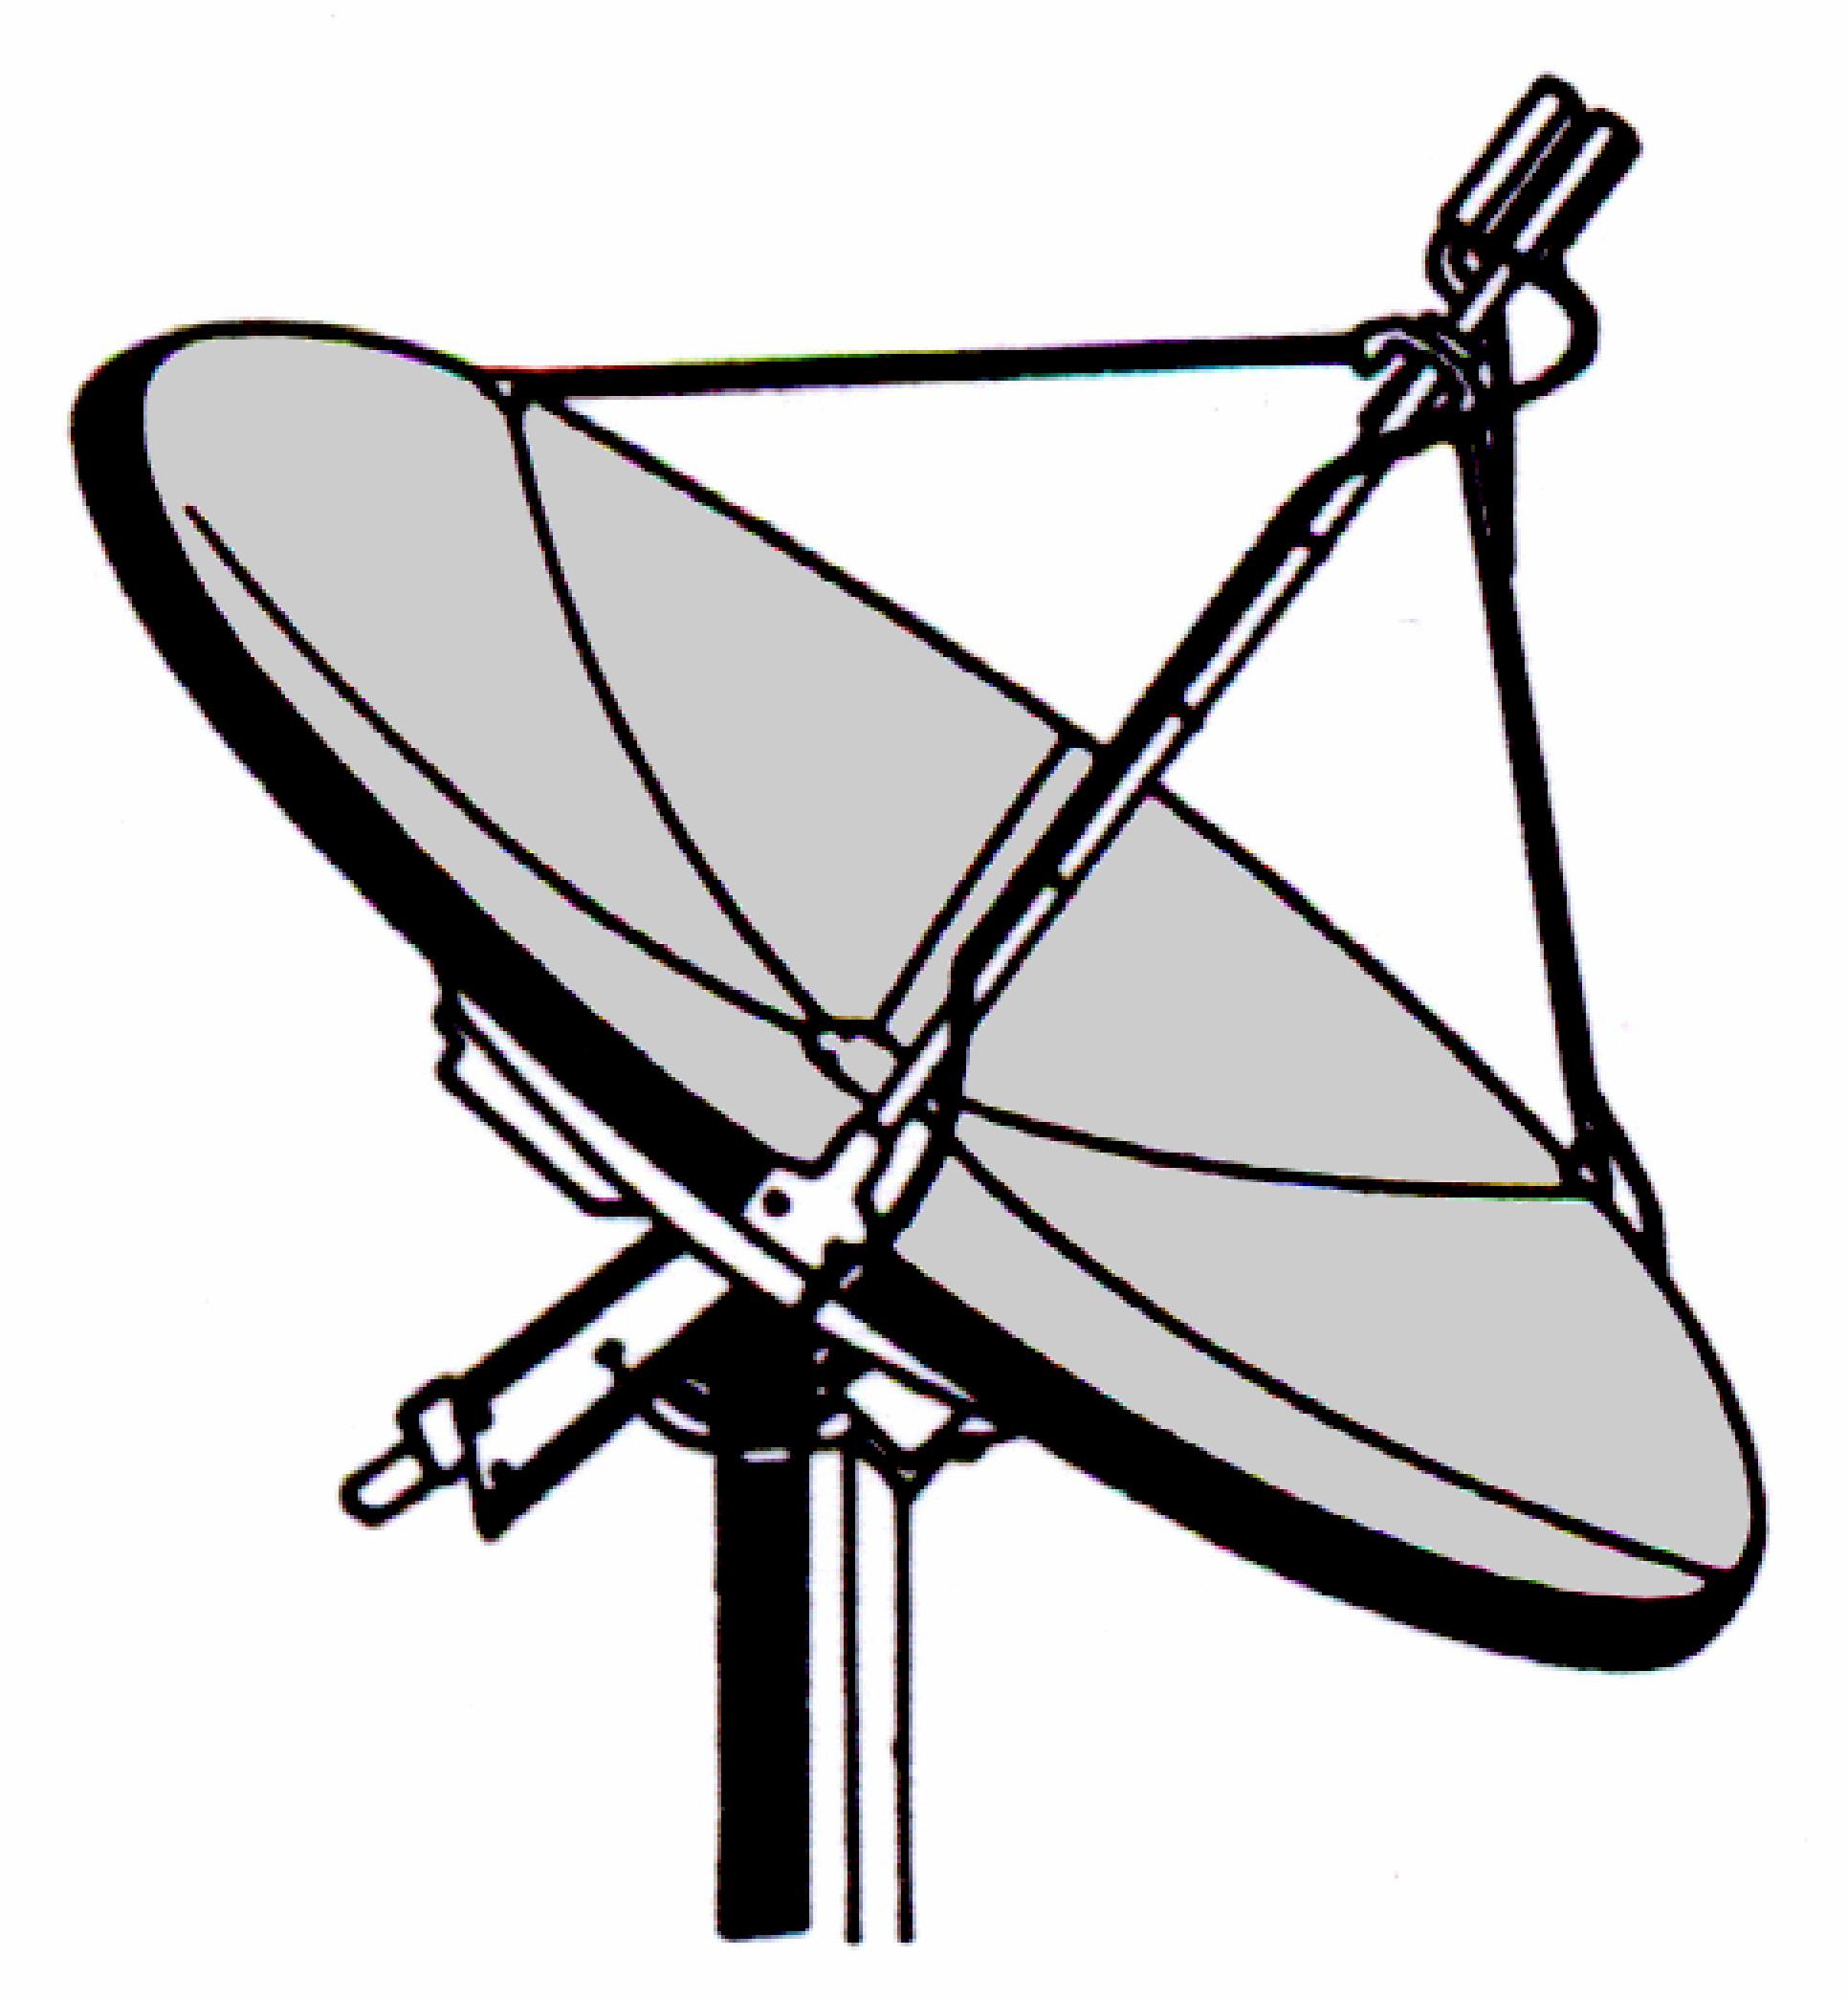 La empresa serv t c alonso - Antenas de television ...